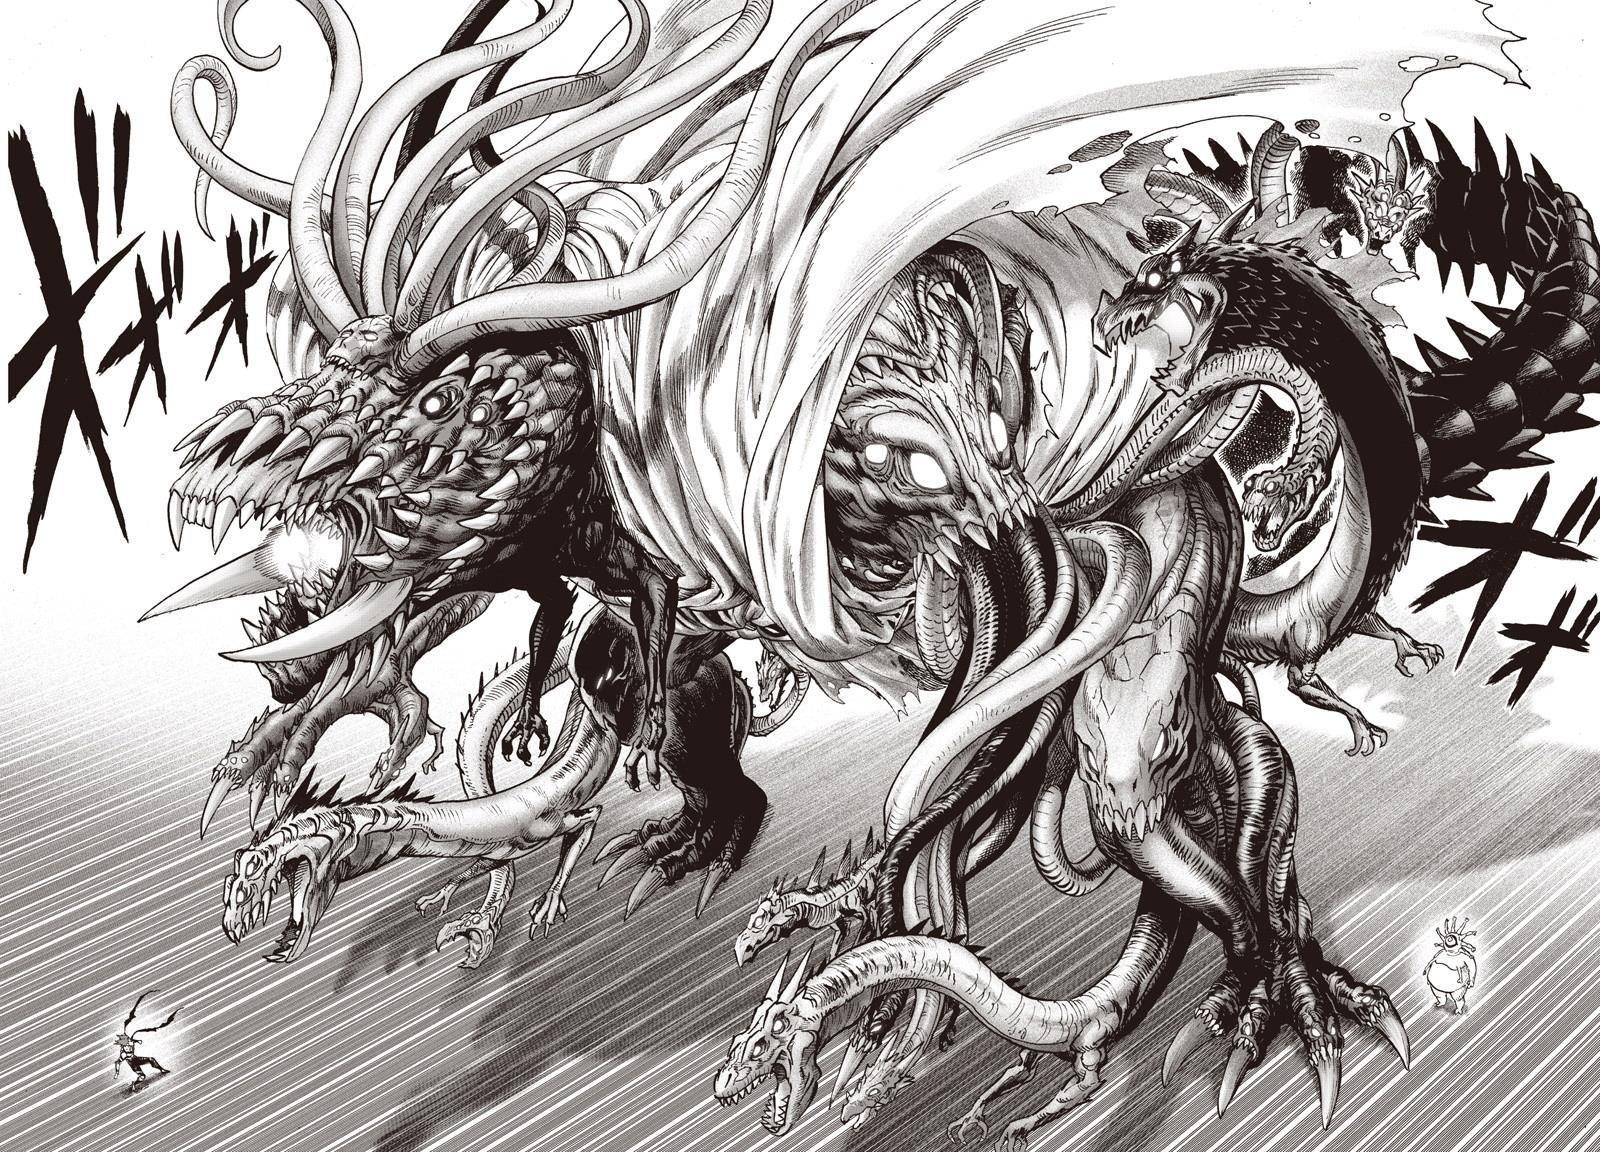 One Punch Man Manga Artwork Drawing, Akira, Manga